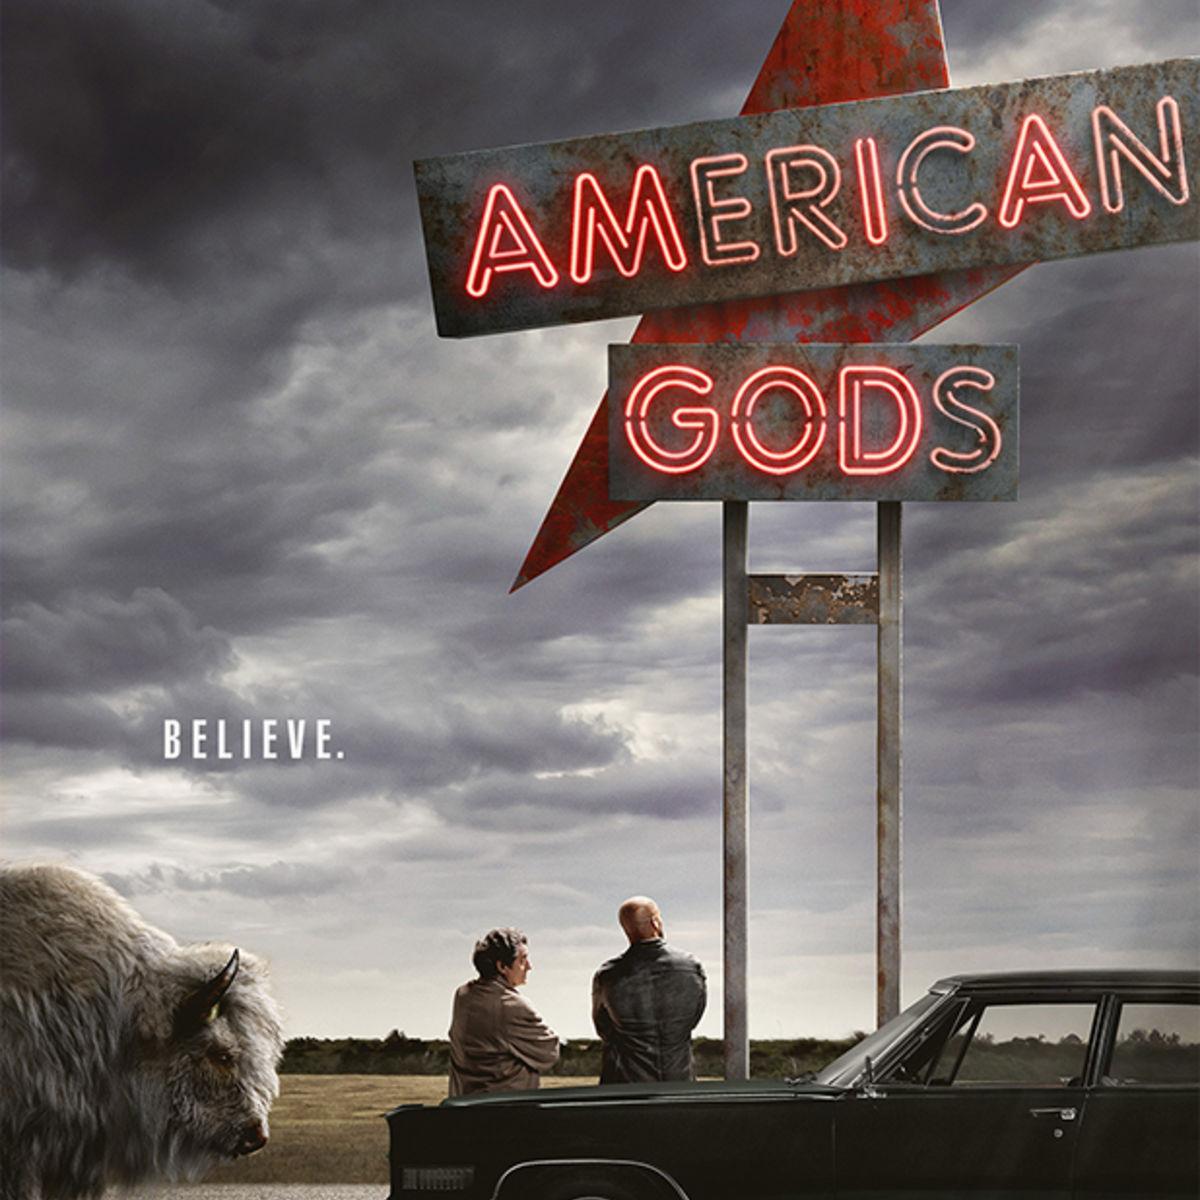 American-Gods-poster_0.jpg